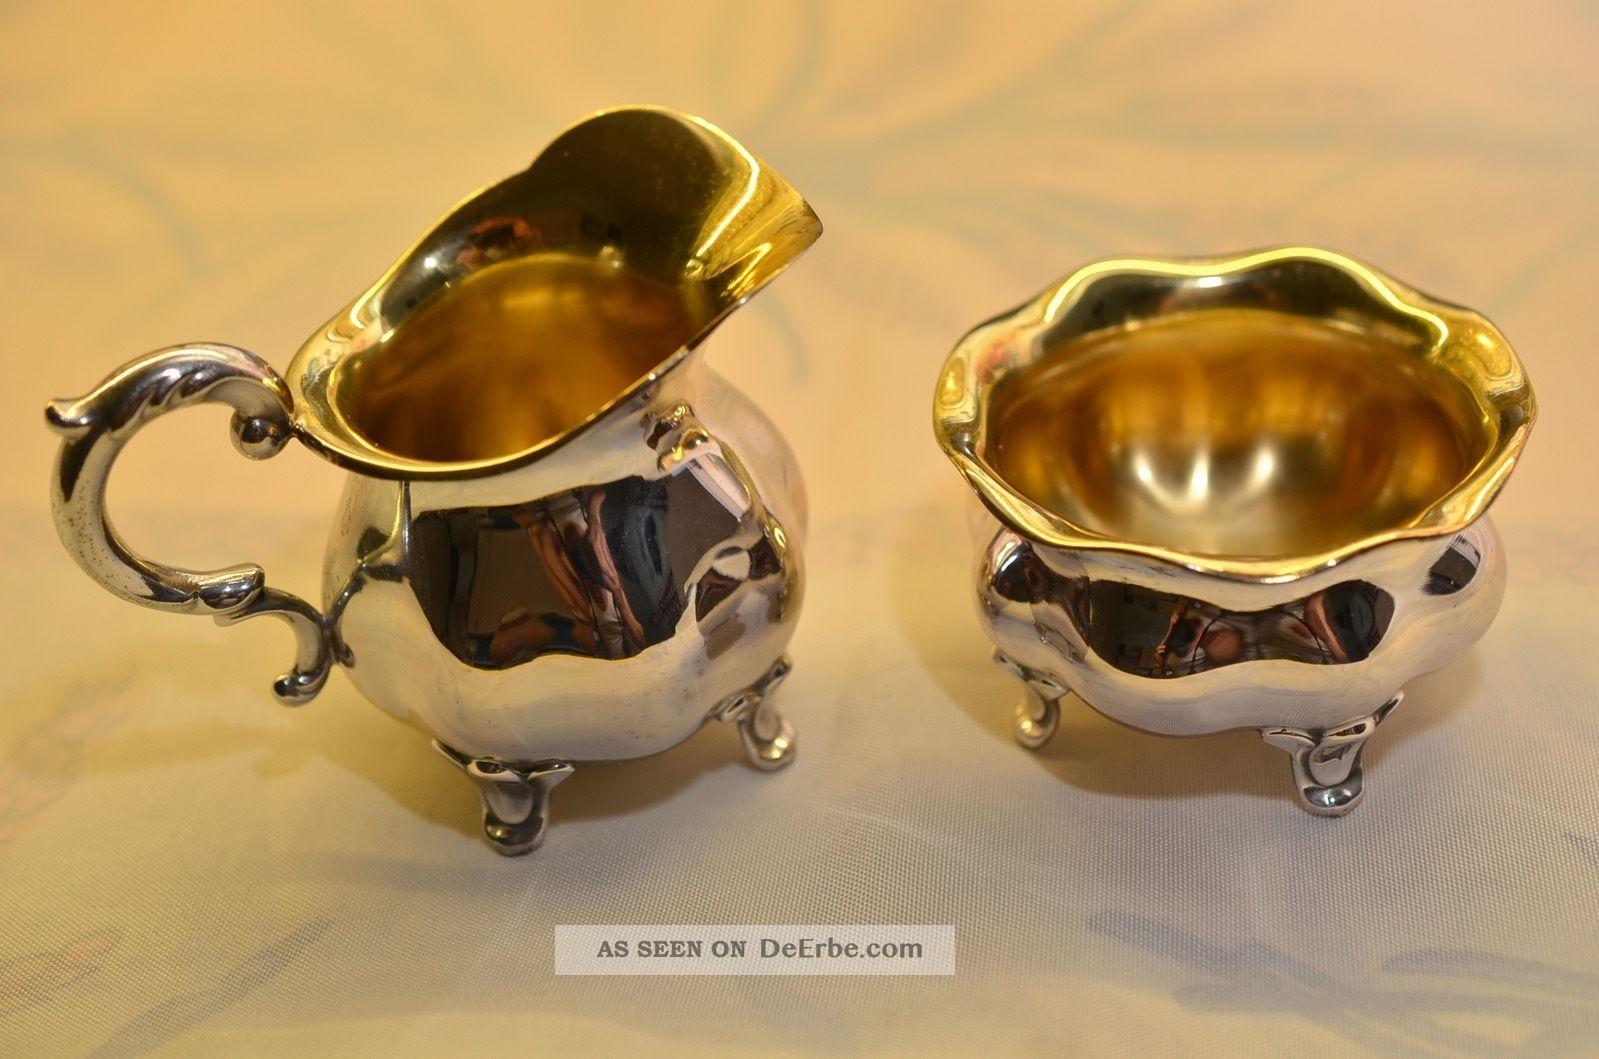 Schönes Wilkens Sahnekännchen Und Zuckerschale Silber 835 Objekte vor 1945 Bild